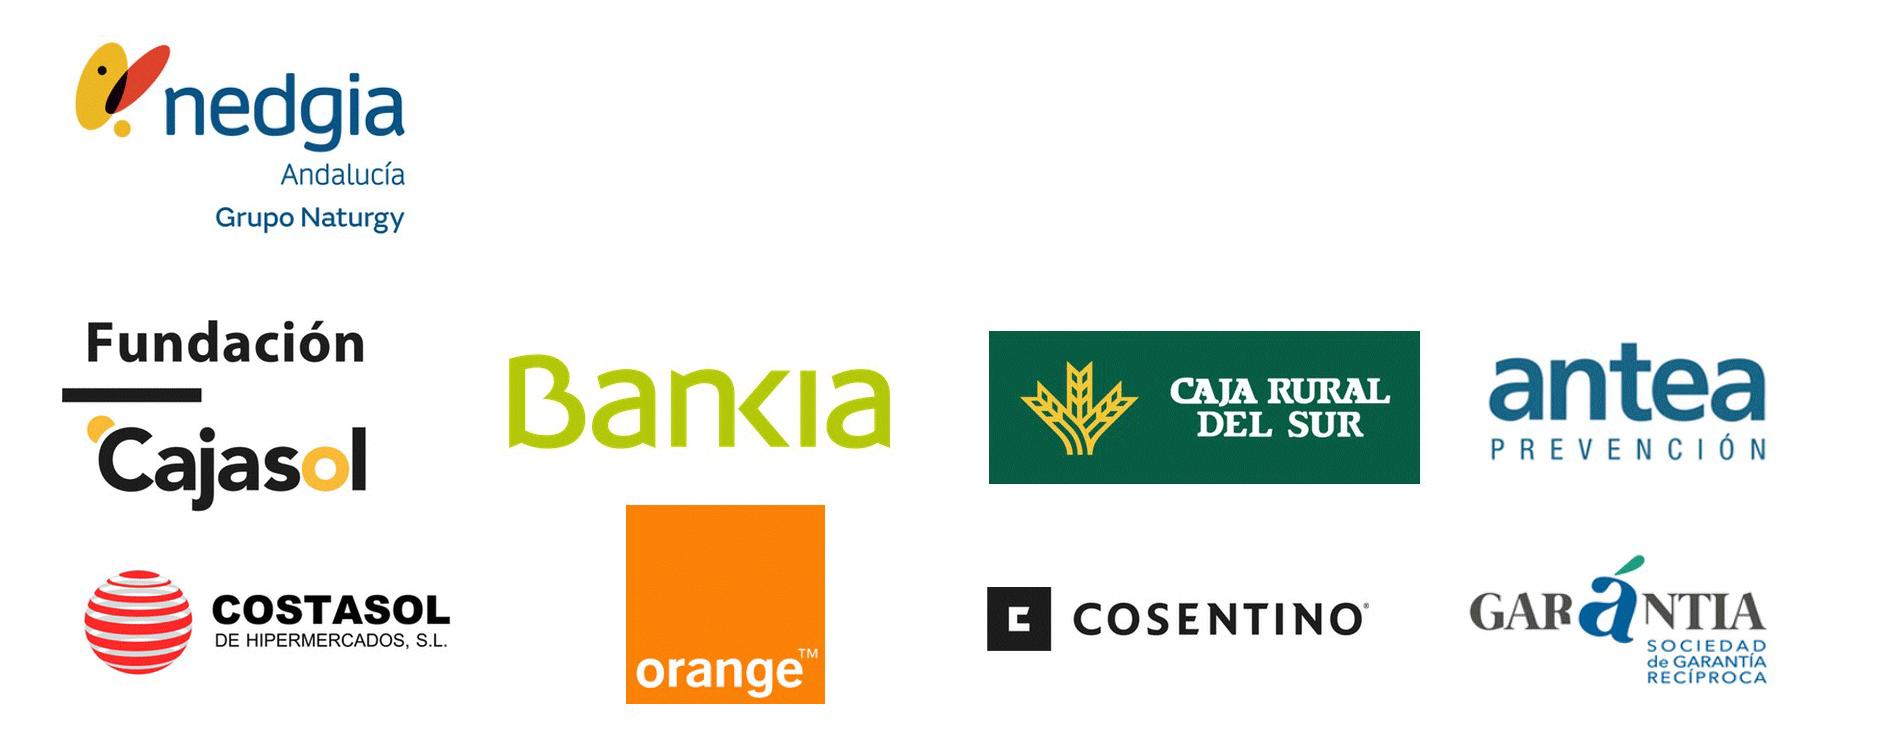 ANDALUCÍA ANTE LOS RETOS DE LA TRANSICIÓN ENERGÉTICA